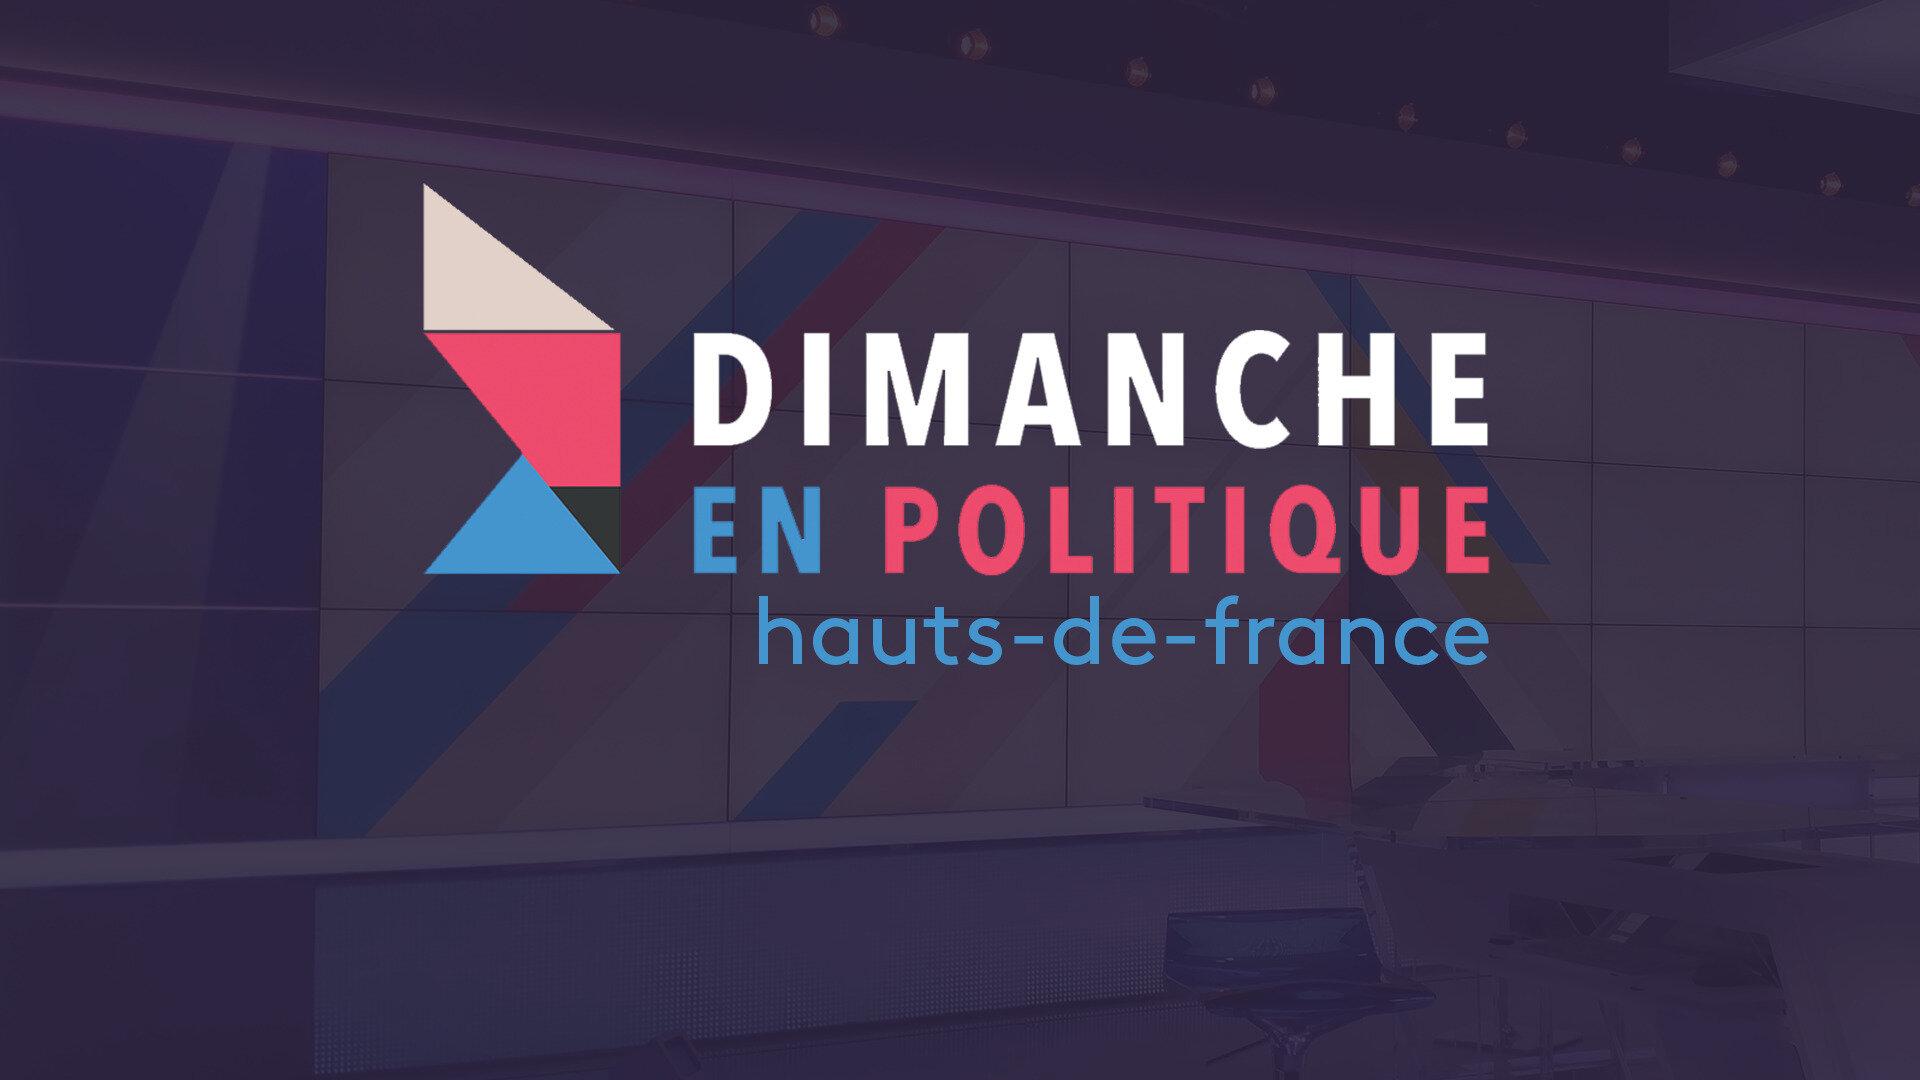 Dimanche en politique - Hauts-de-France : Régionales 2021 : Les forces en présence